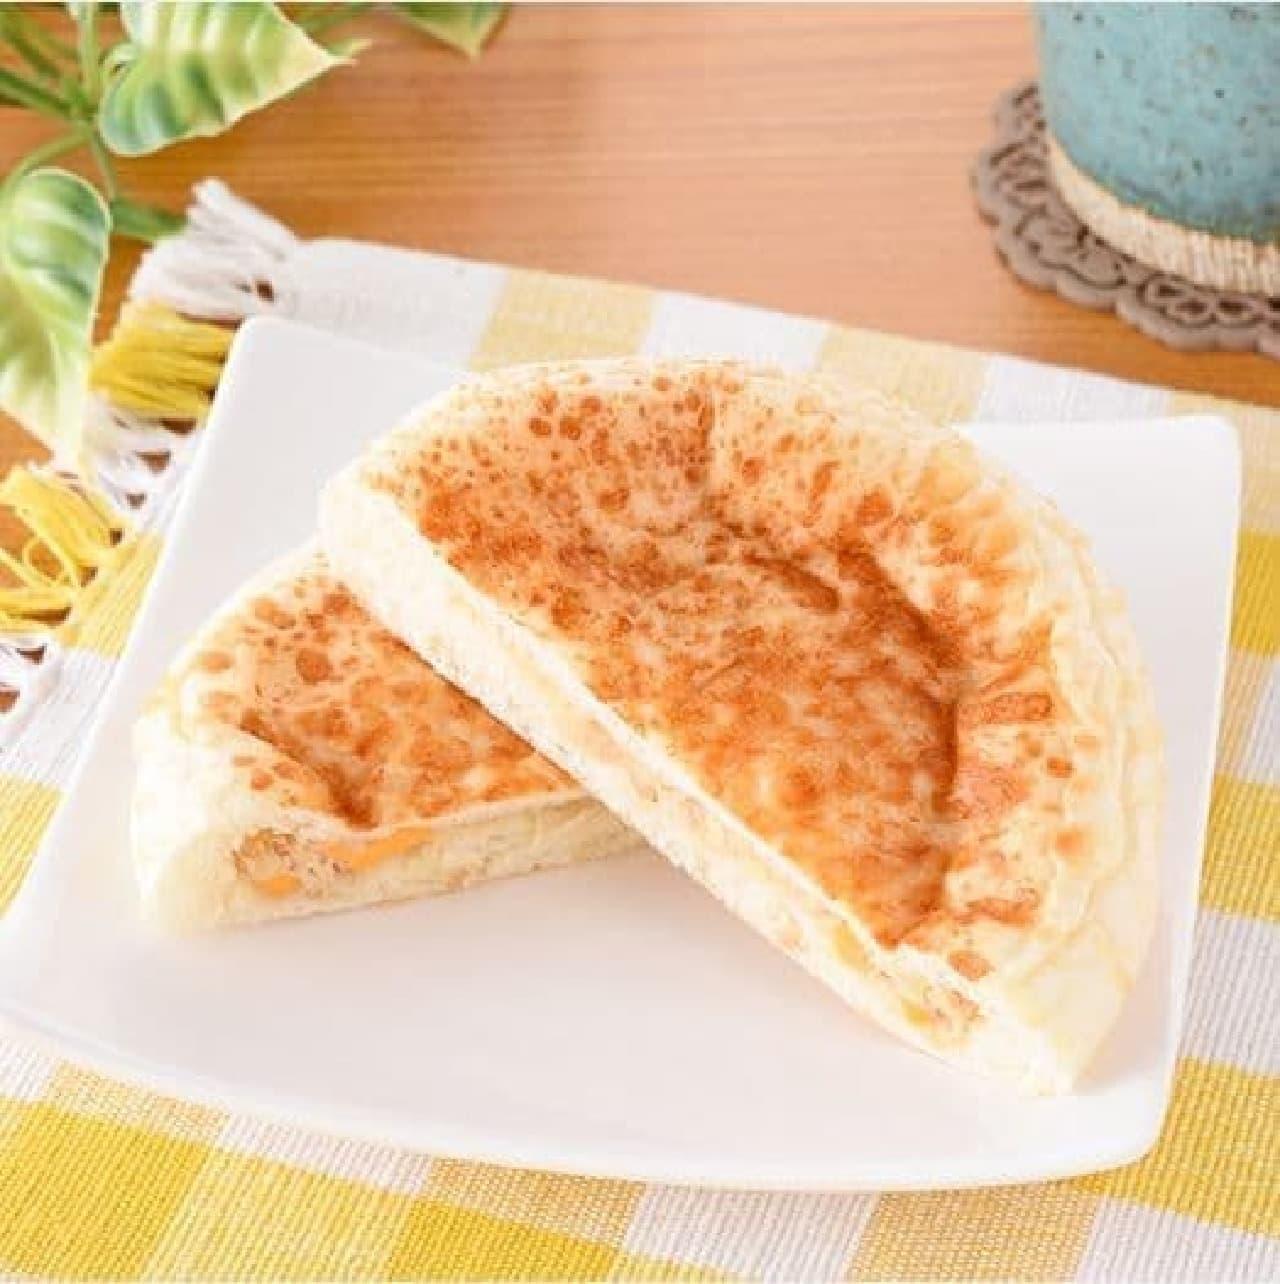 ファミリーマート「平焼きツナチーズ」